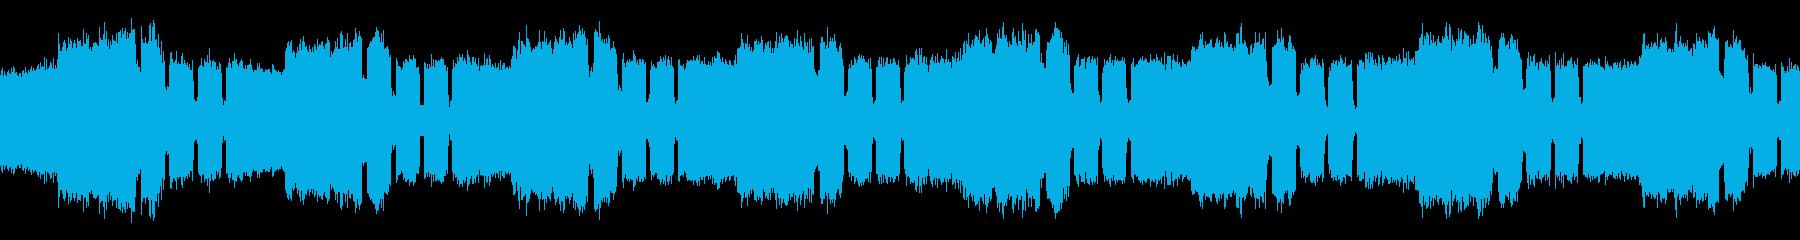 サイレン siren 警報 アラート12の再生済みの波形